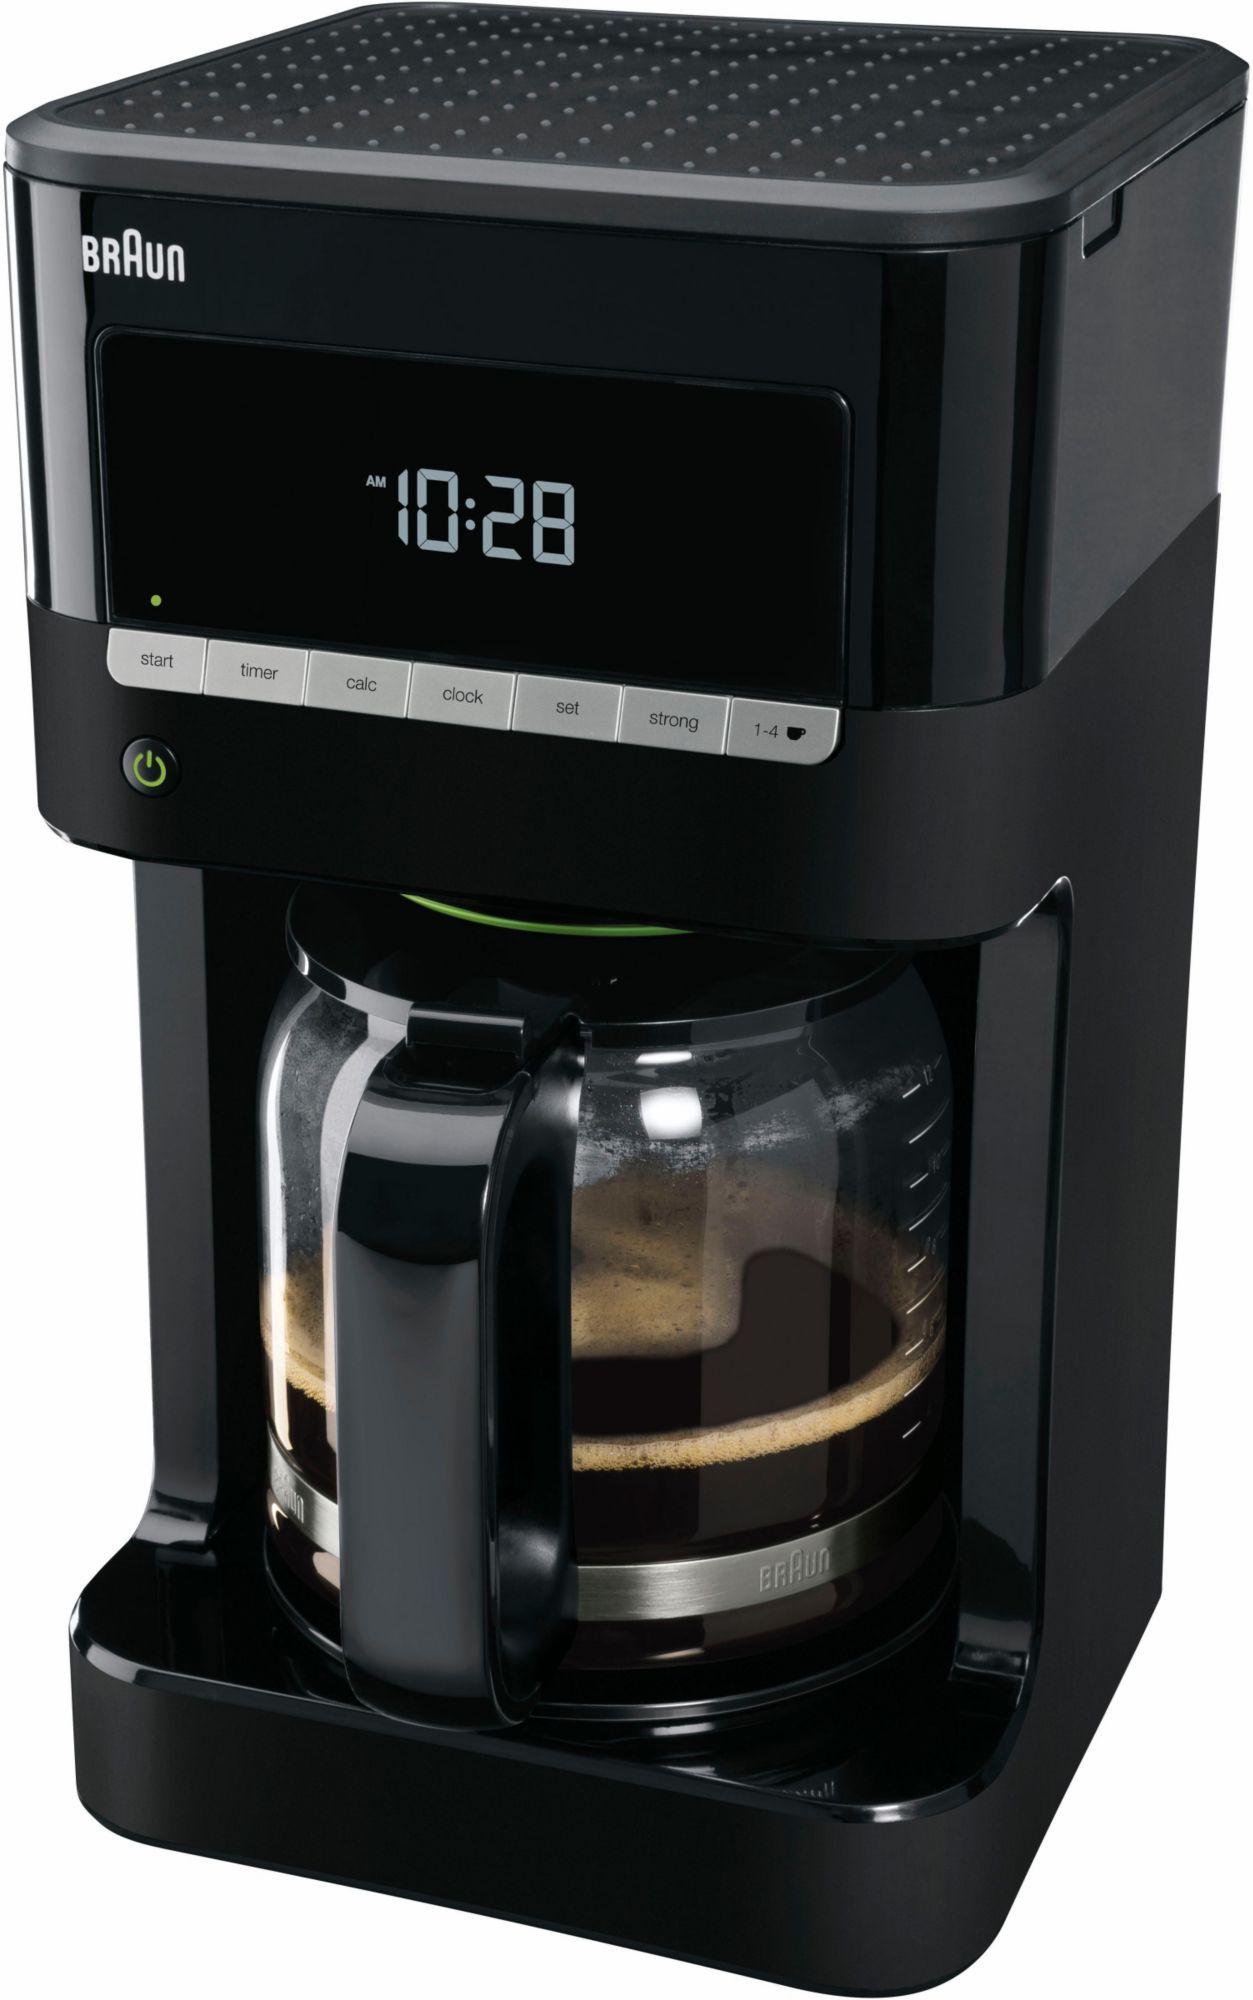 BRAUN Braun Kaffeemaschine KF 7020, schwarz